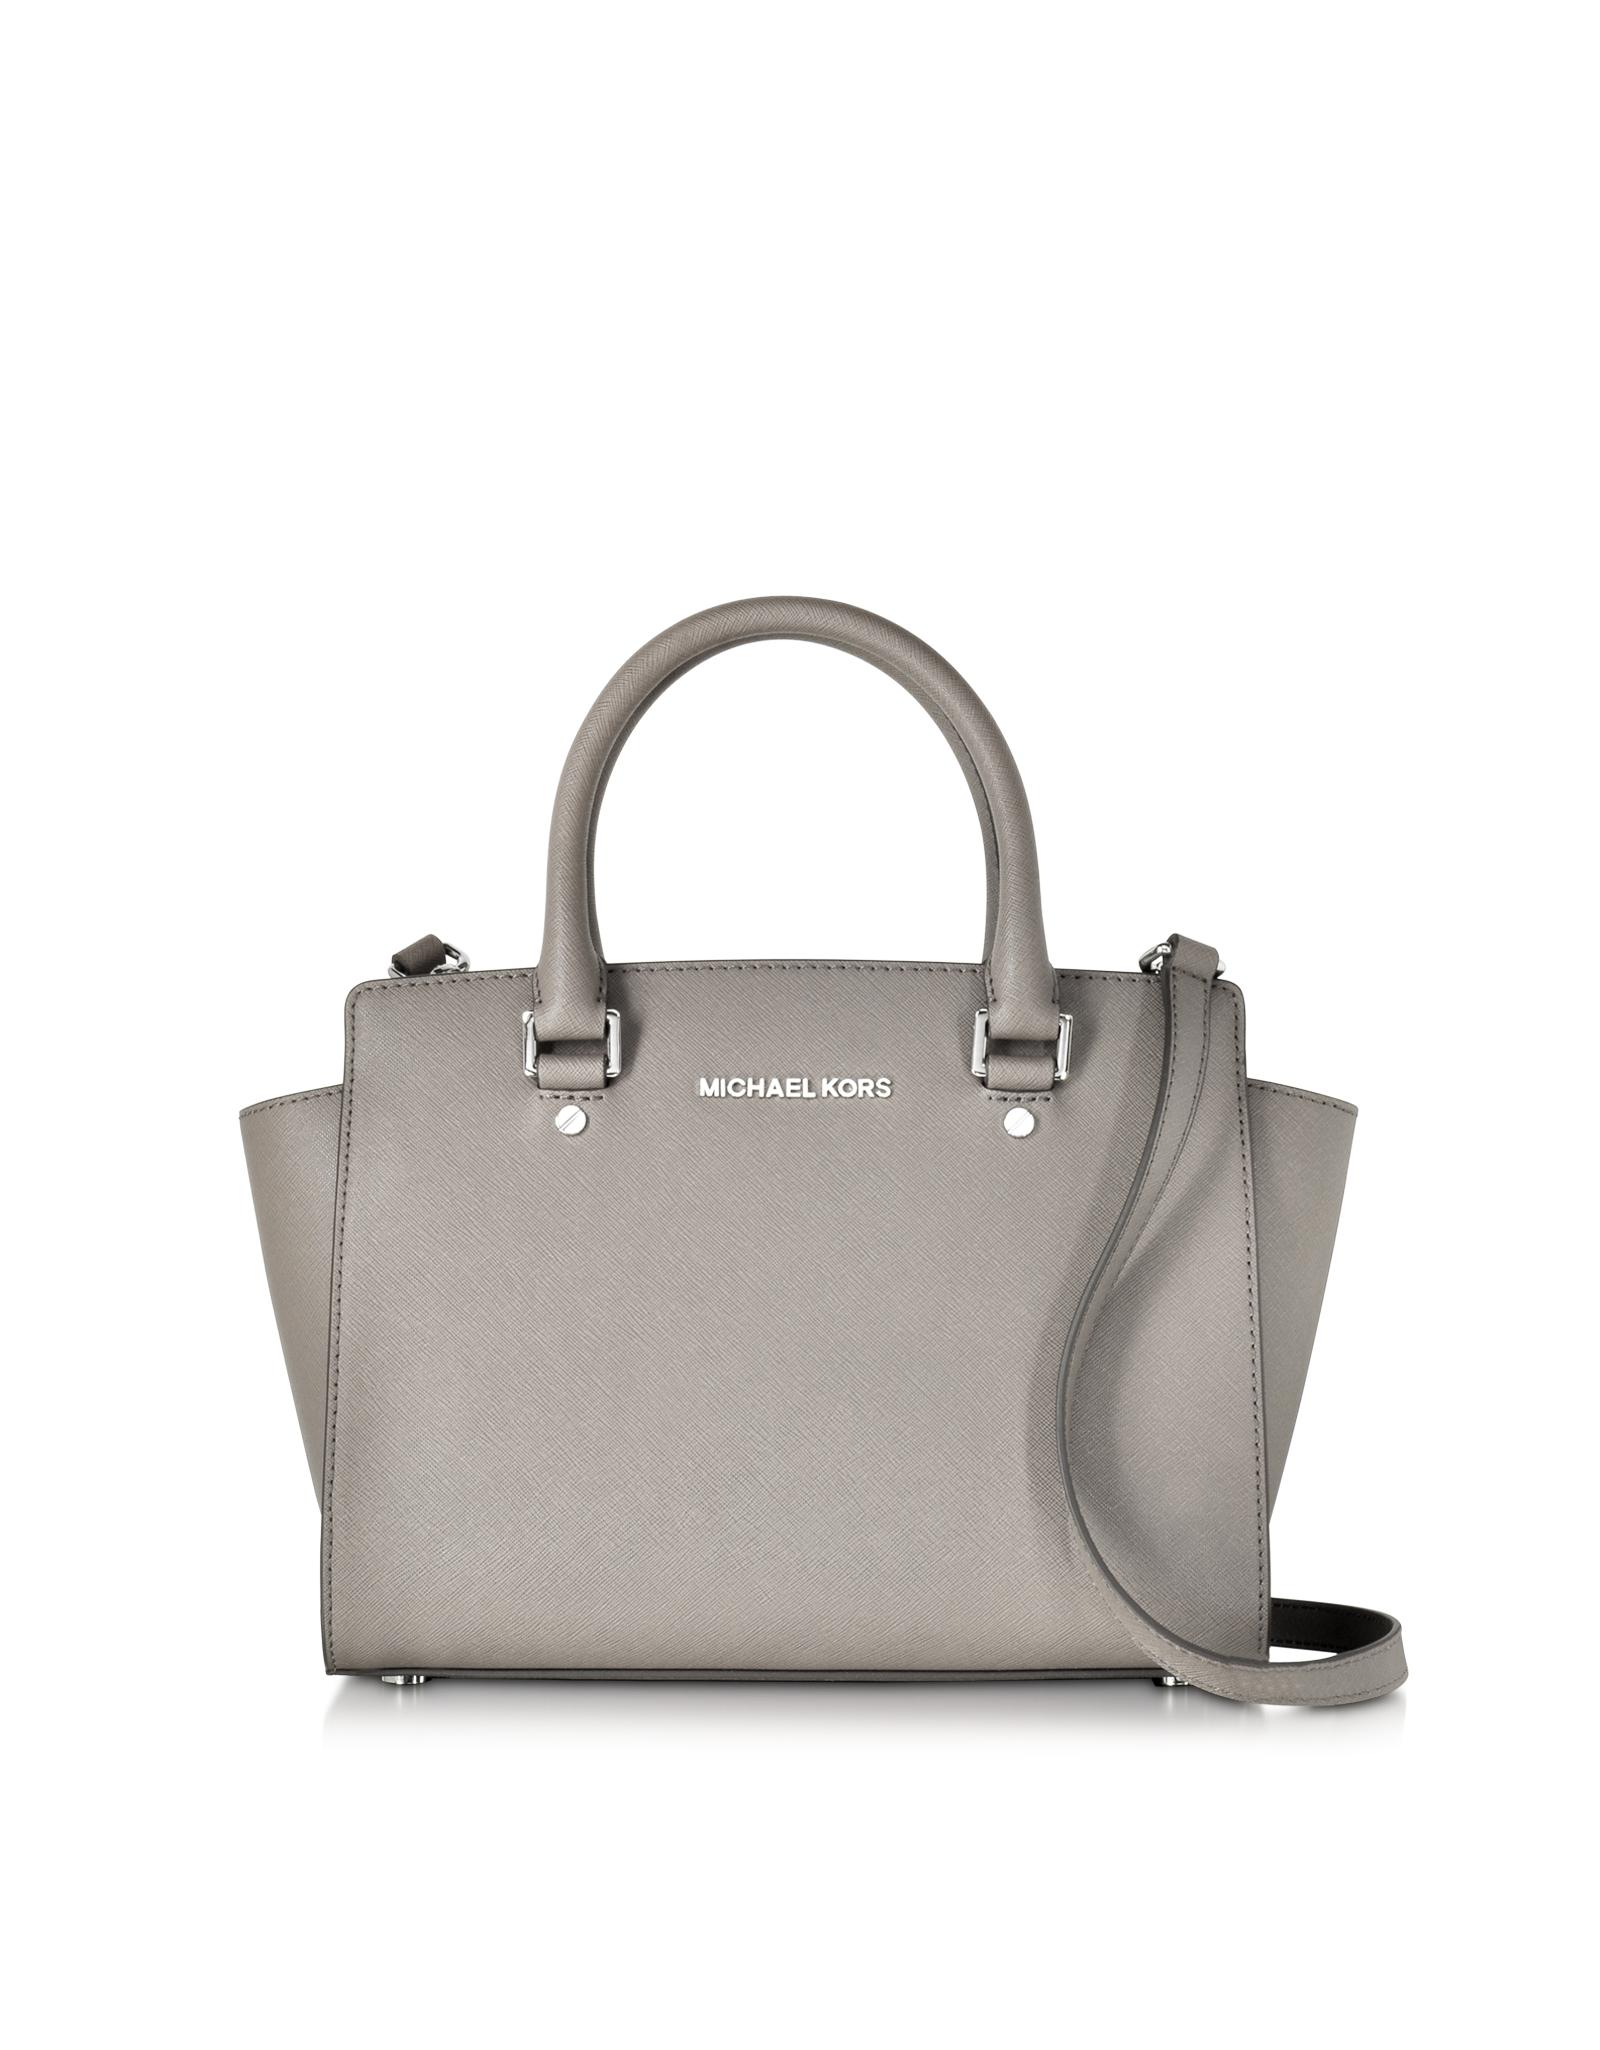 Lyst - Michael Kors Pearl Gray Saffiano Leather Selma Medium T zip ... 56d6666d177b7